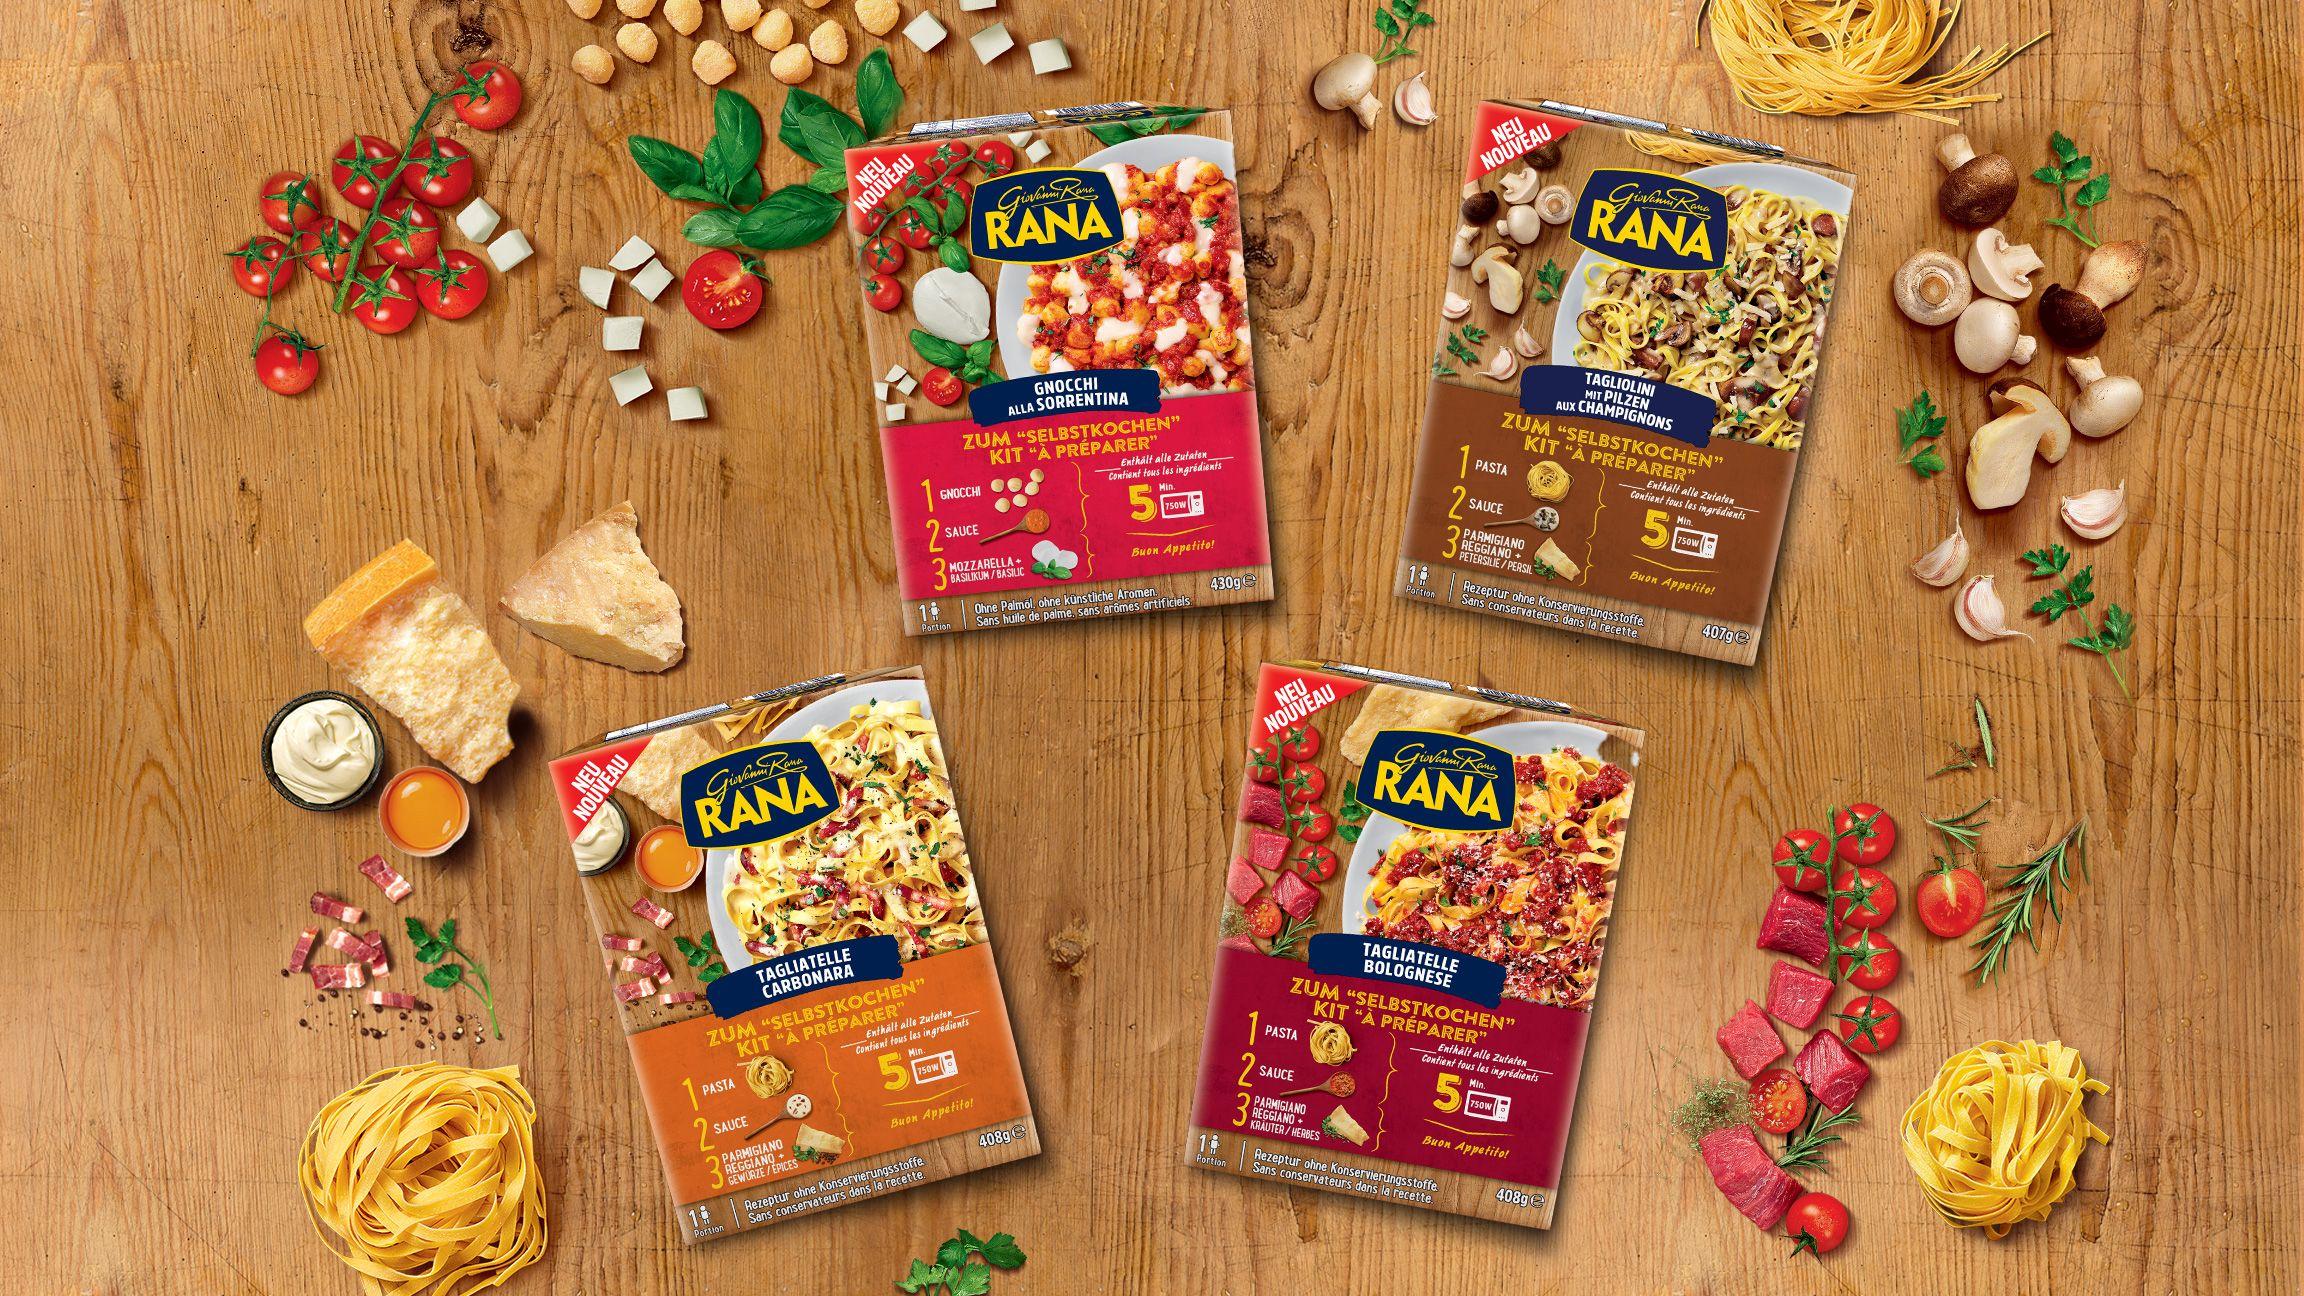 [Kaufland Do-Mi] Giovanni Rana Pasta Set versch. Sorten mit Coupon für 1,99€